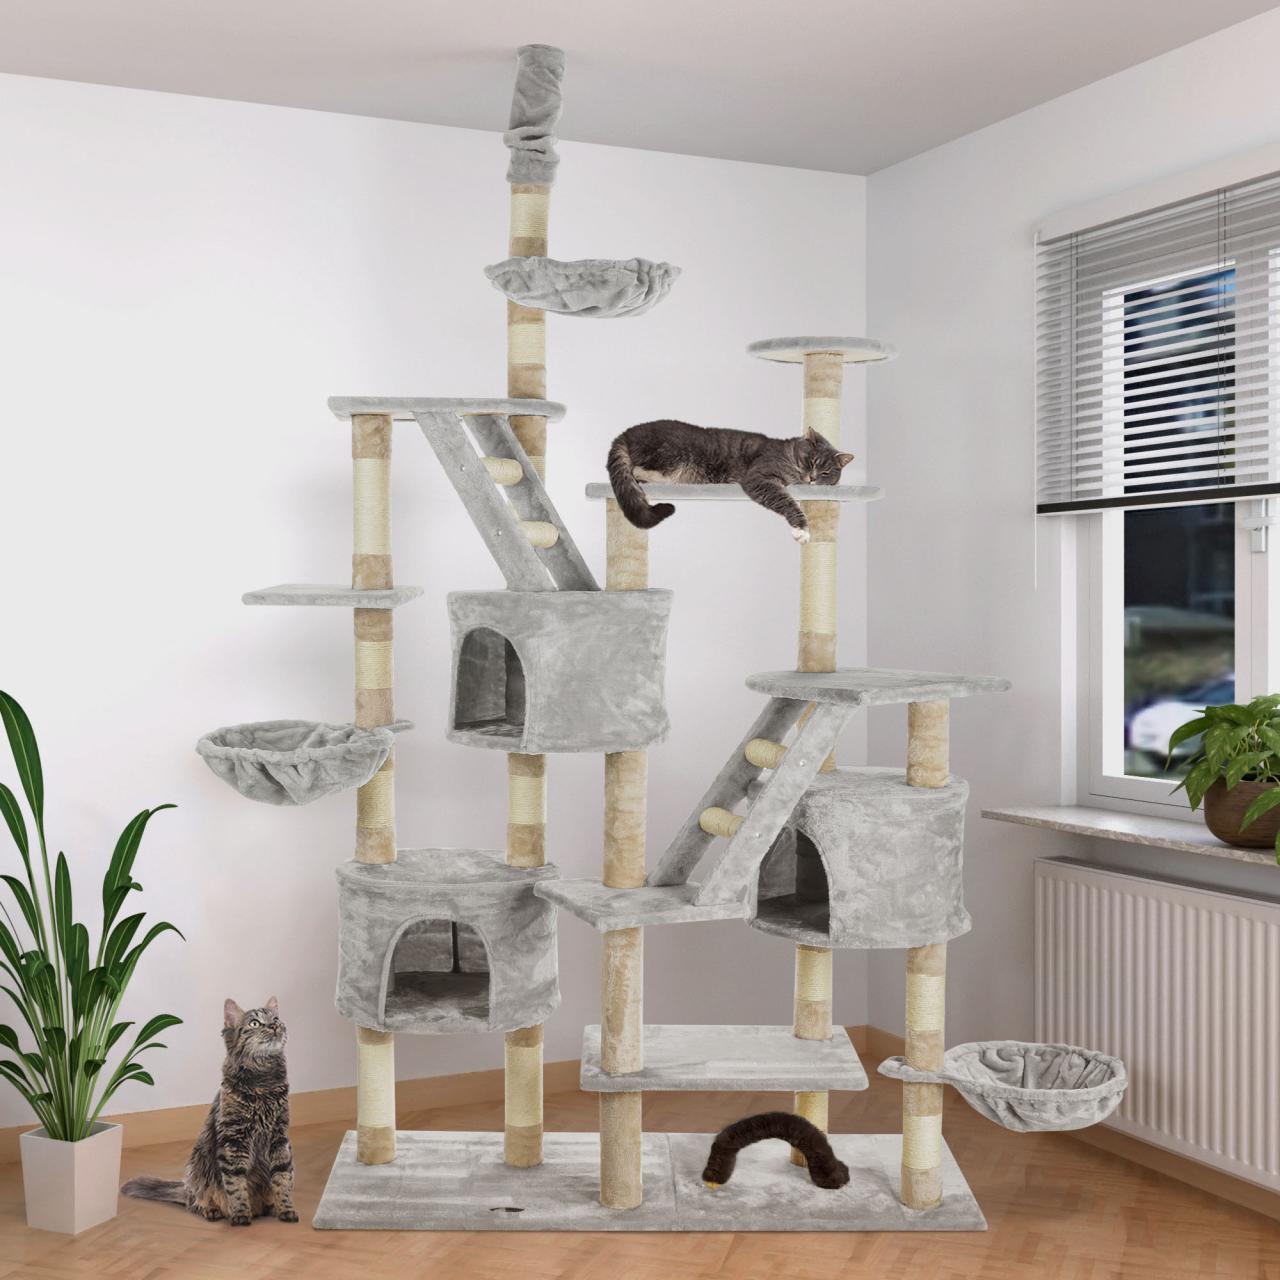 happypet-Katzenbaum-XXL-Kratzbaum-Katzenkratzbaum-deckenhoch-260cm